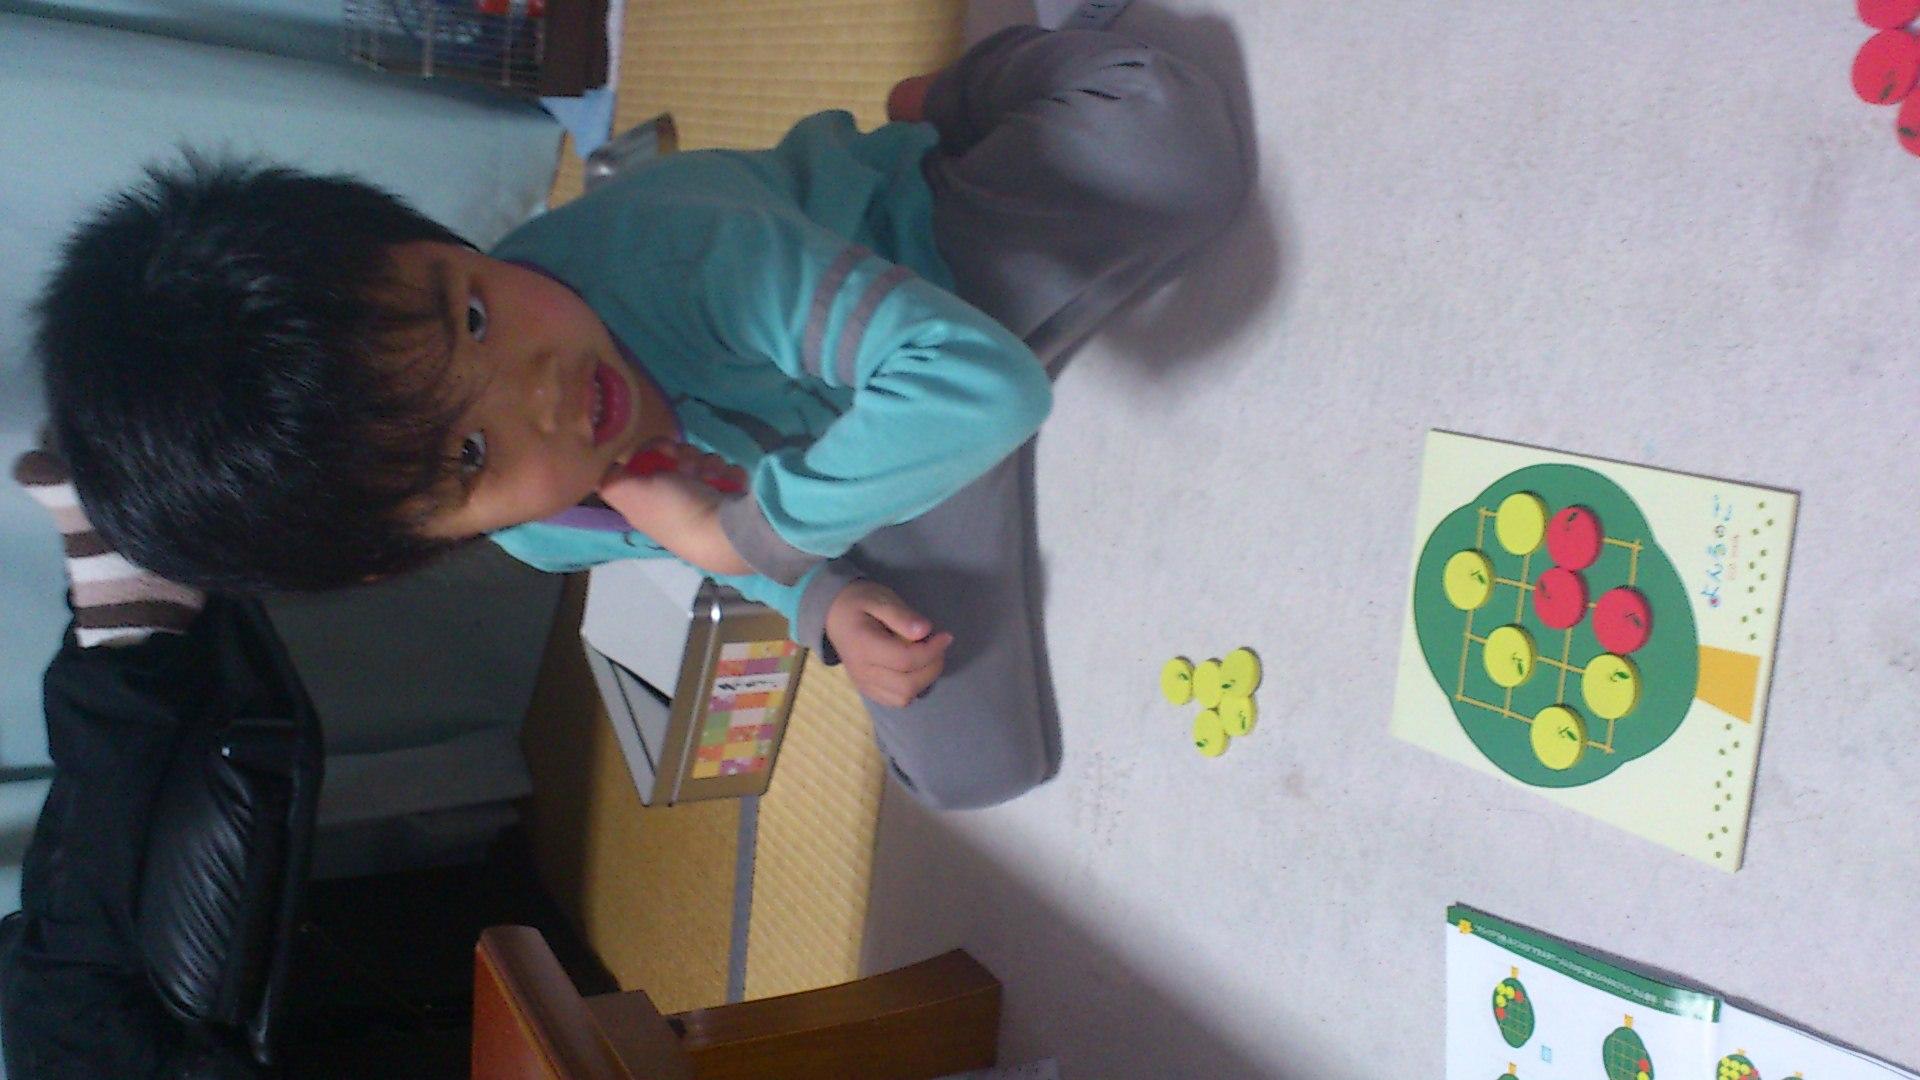 息子と囲碁で対戦_b0039825_19453915.jpg